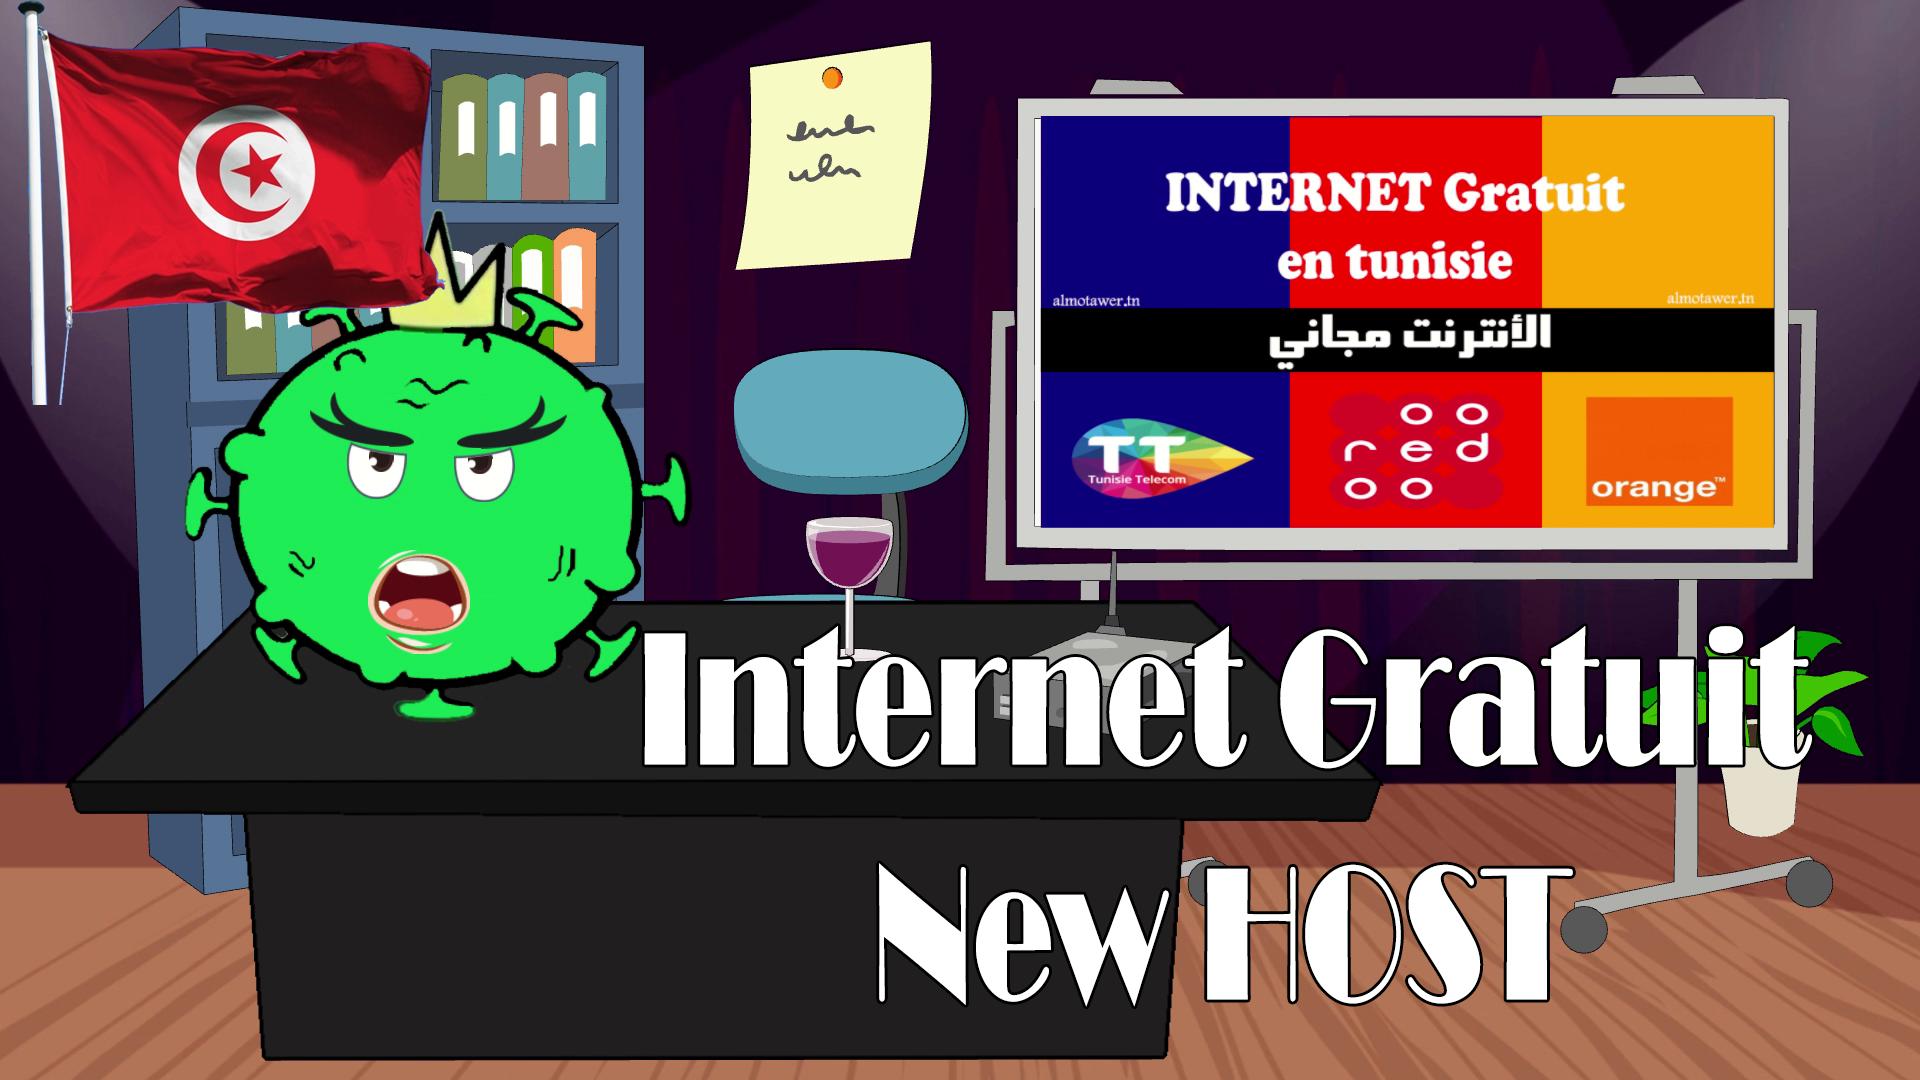 أخبار الأنترنات المجانية في تونس